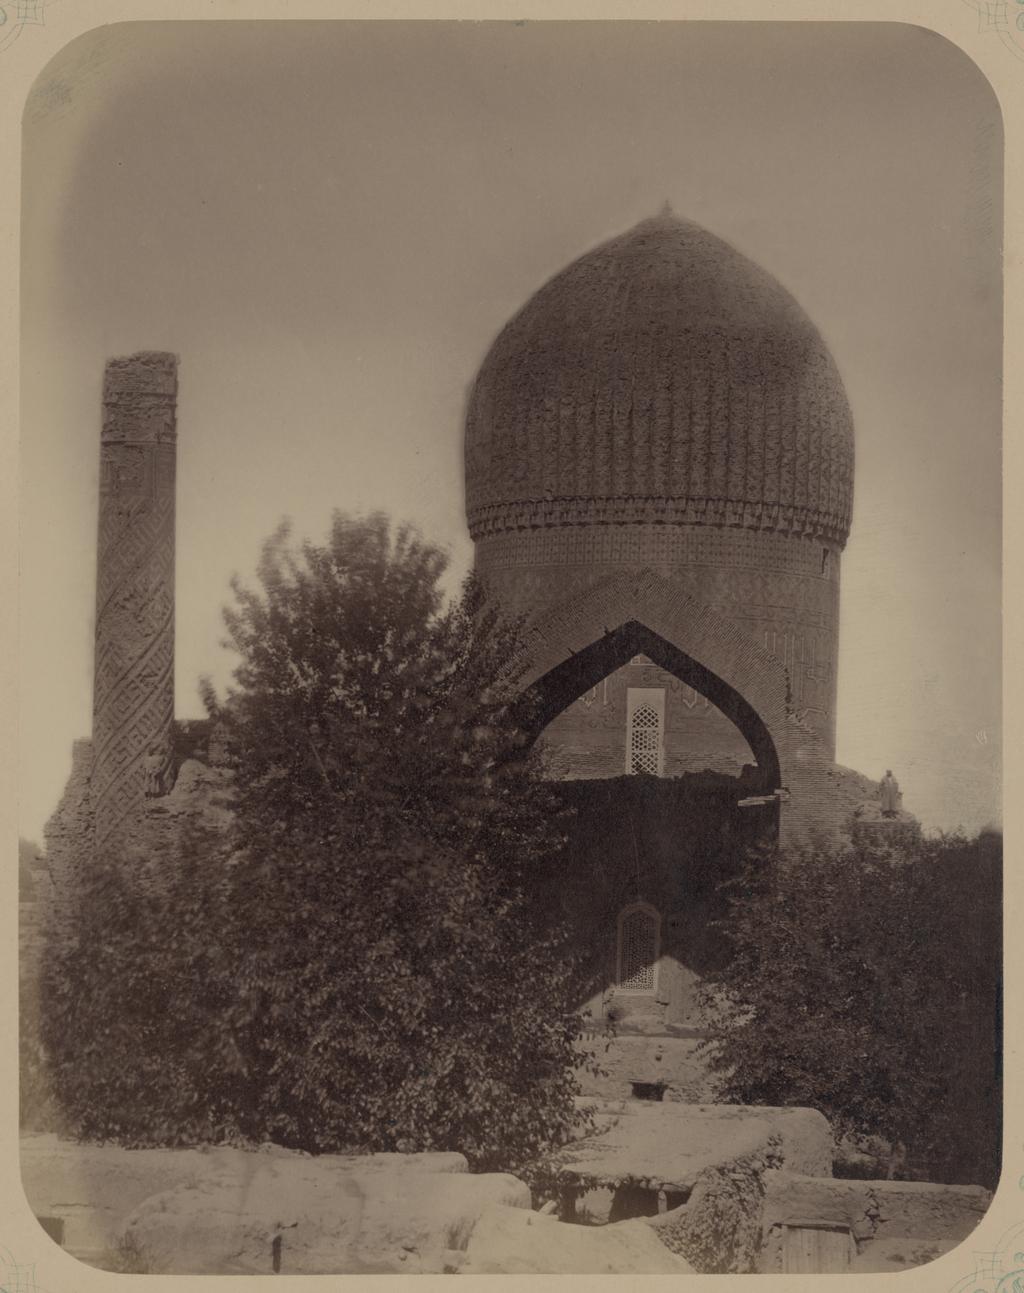 Мавзолей эмира Тимура Курагана. Вид западного фасада мавзолея